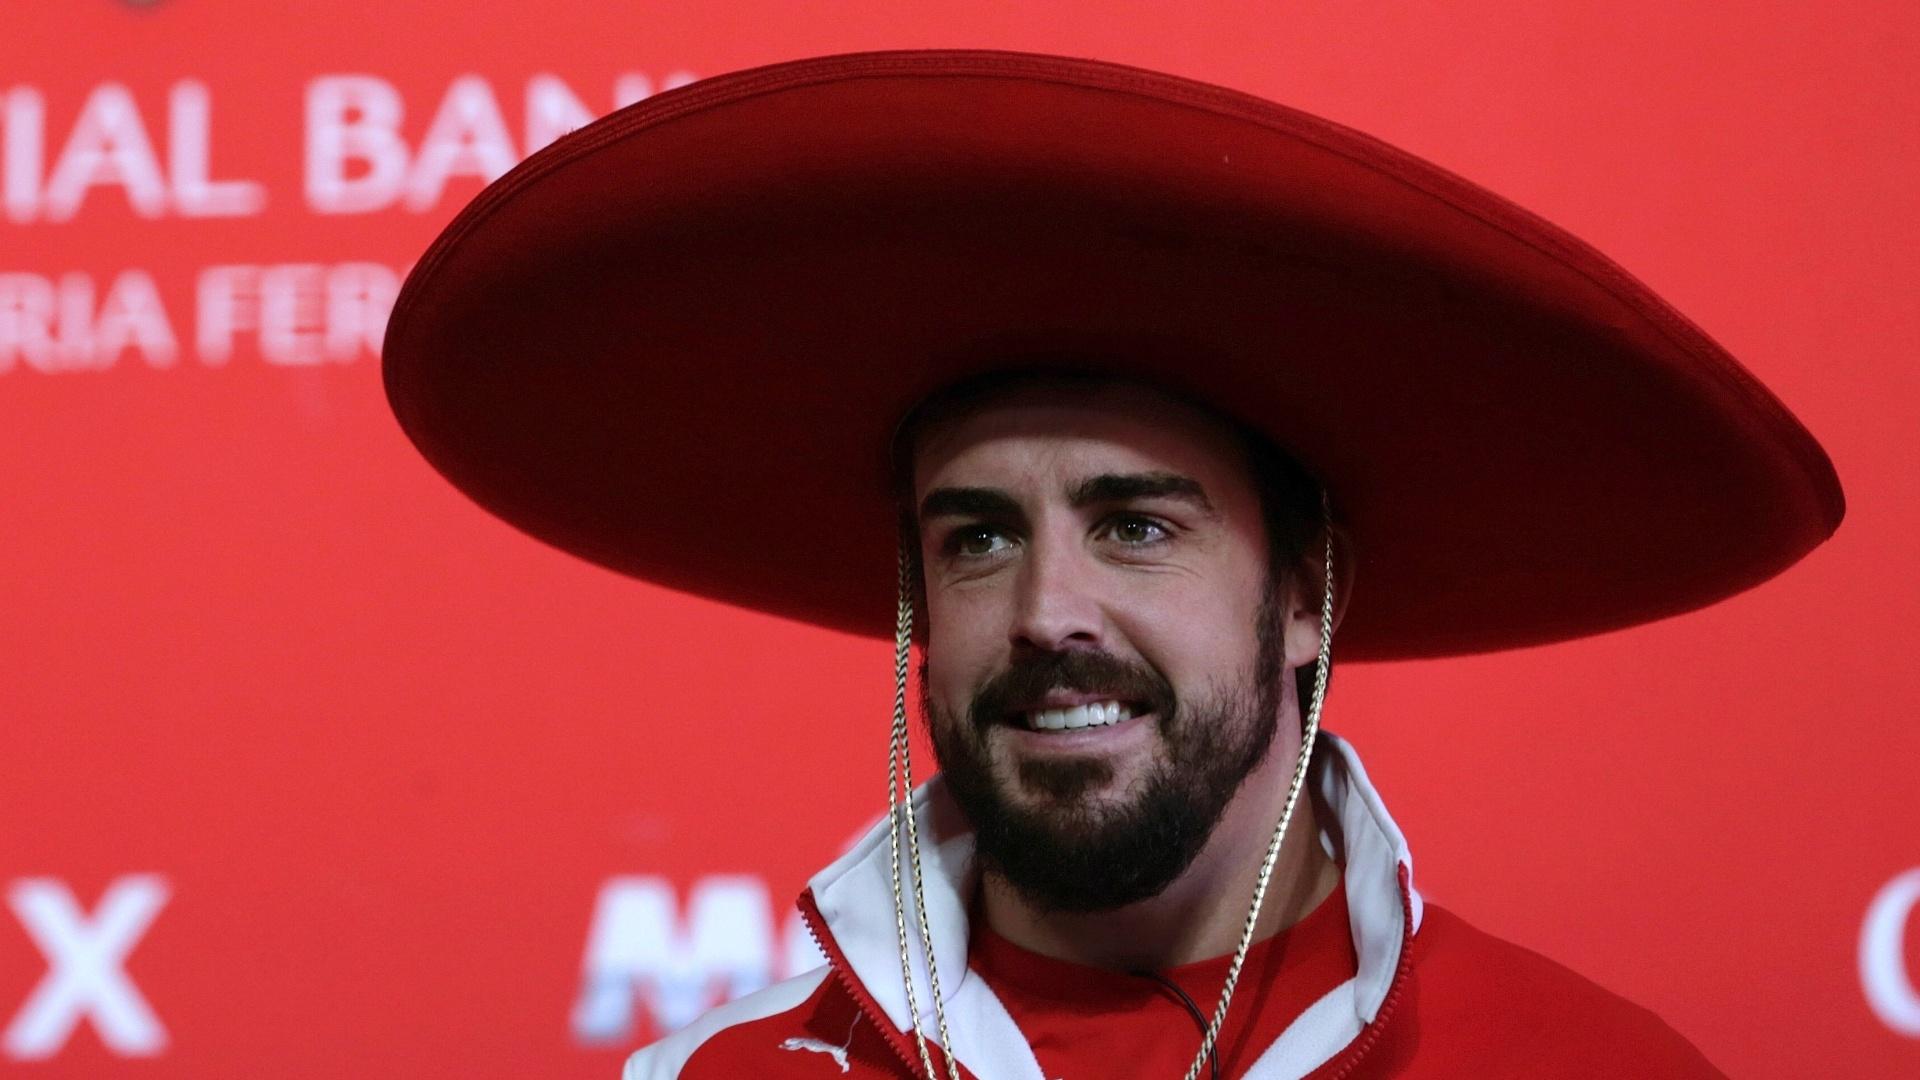 5.11.2014 - No México, Fernando Alonso participa de evento promocional antes do GP do Brasil e veste um tradicional chapéu do país